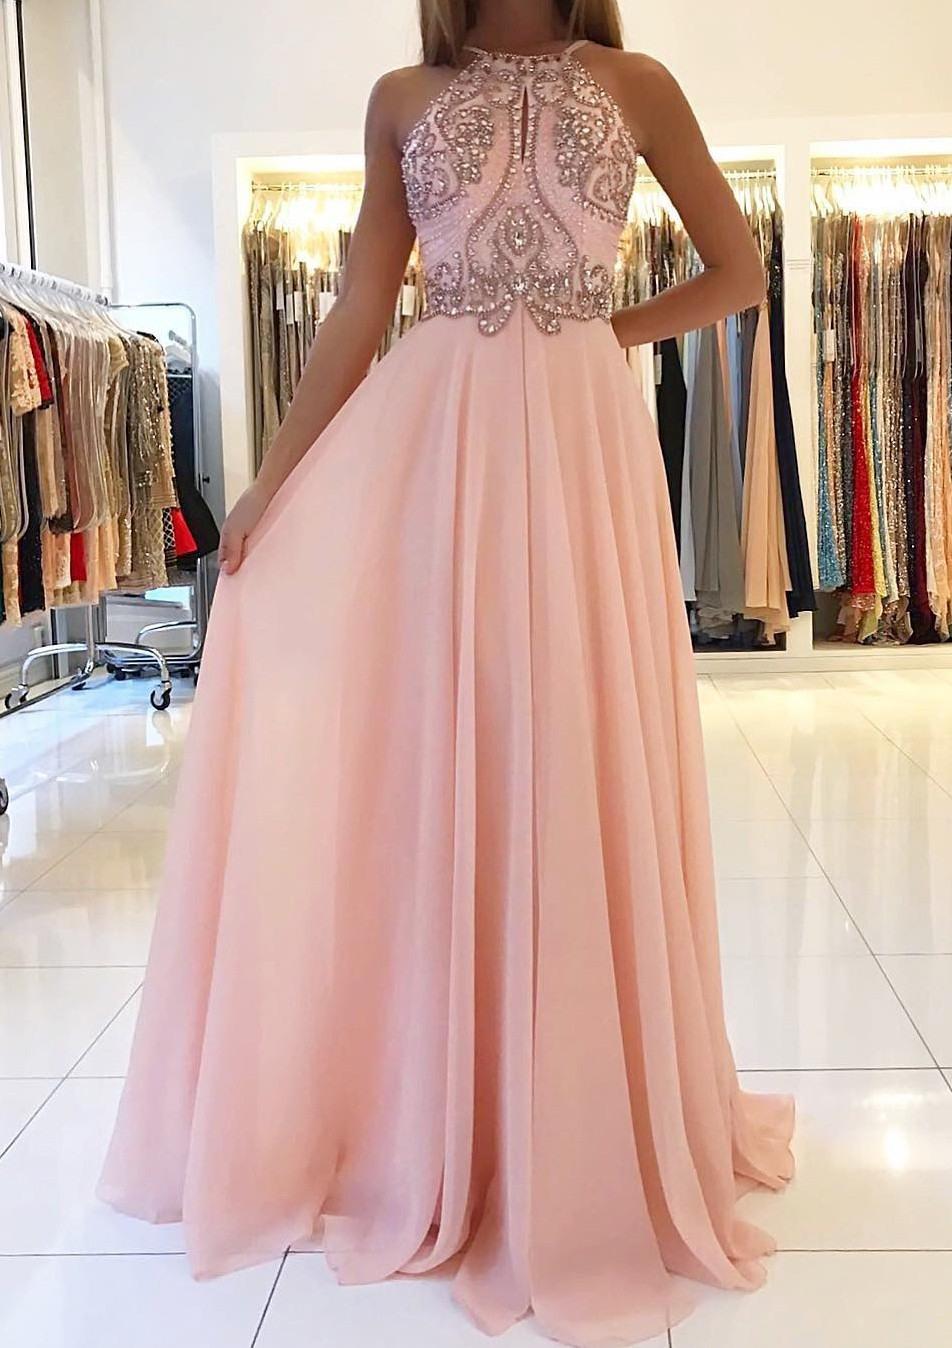 15 Ausgezeichnet Rosa Abendkleid für 201913 Top Rosa Abendkleid Design